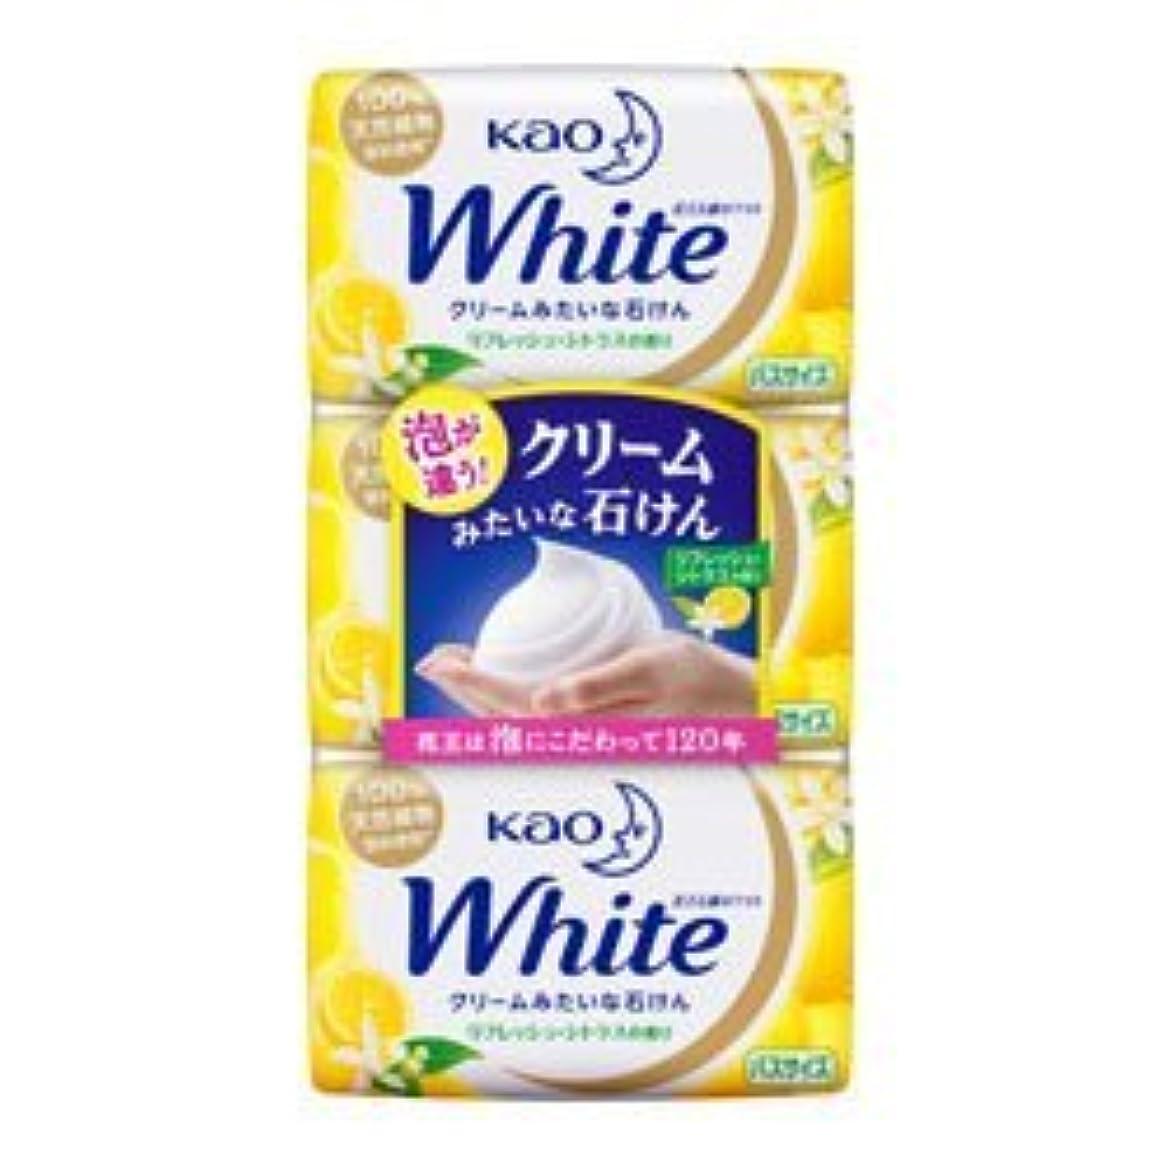 司書極めて重要な自宅で【花王】ホワイト リフレッシュ?シトラスの香り バスサイズ 130g×3個入 ×3個セット